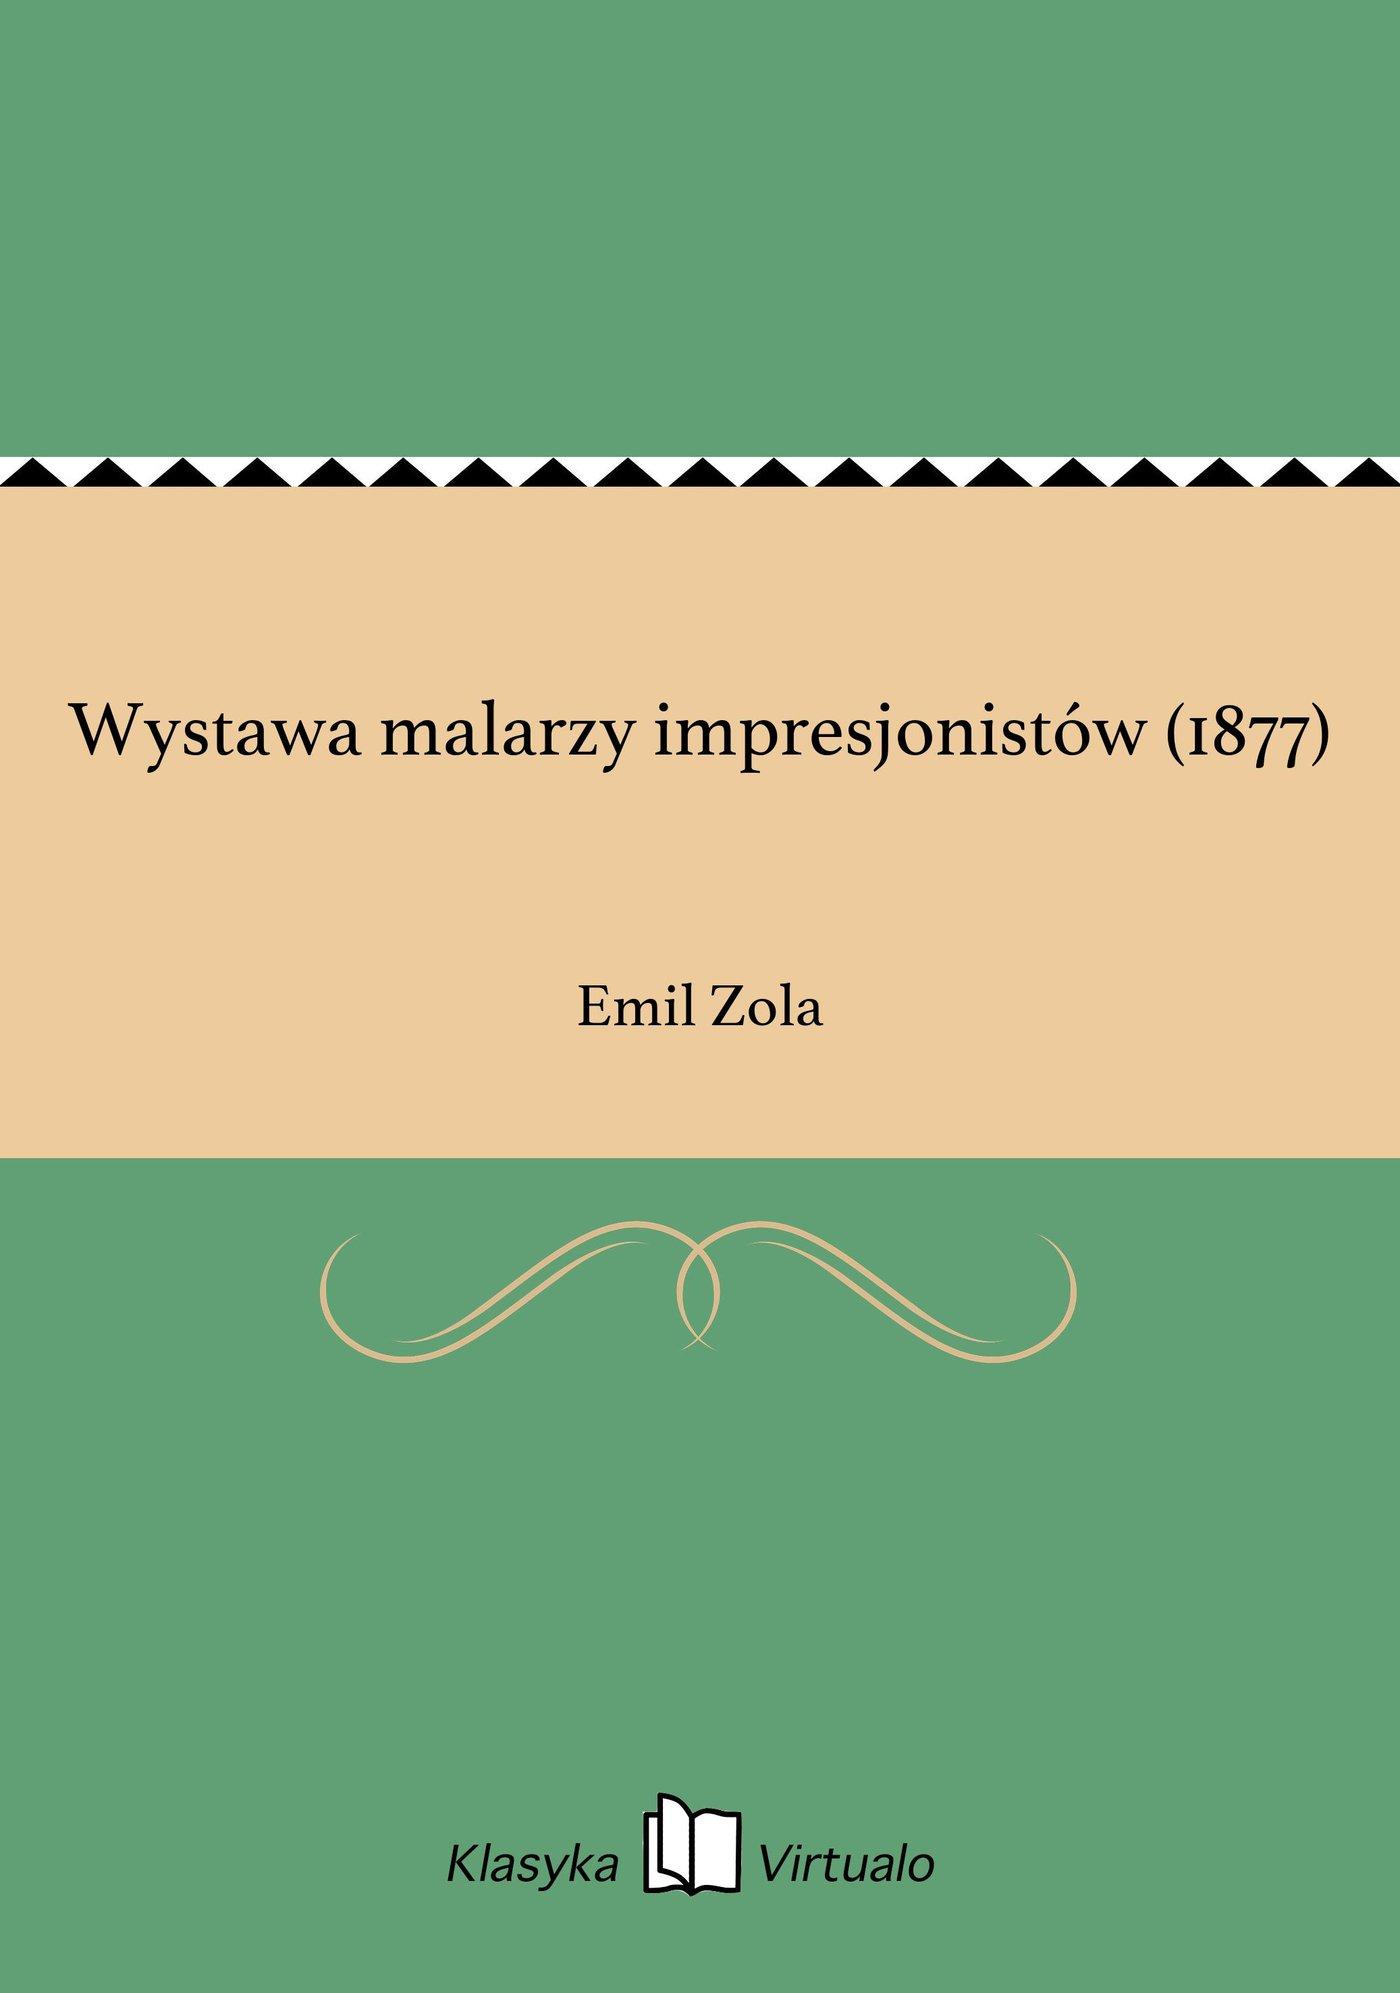 Wystawa malarzy impresjonistów (1877) - Ebook (Książka na Kindle) do pobrania w formacie MOBI